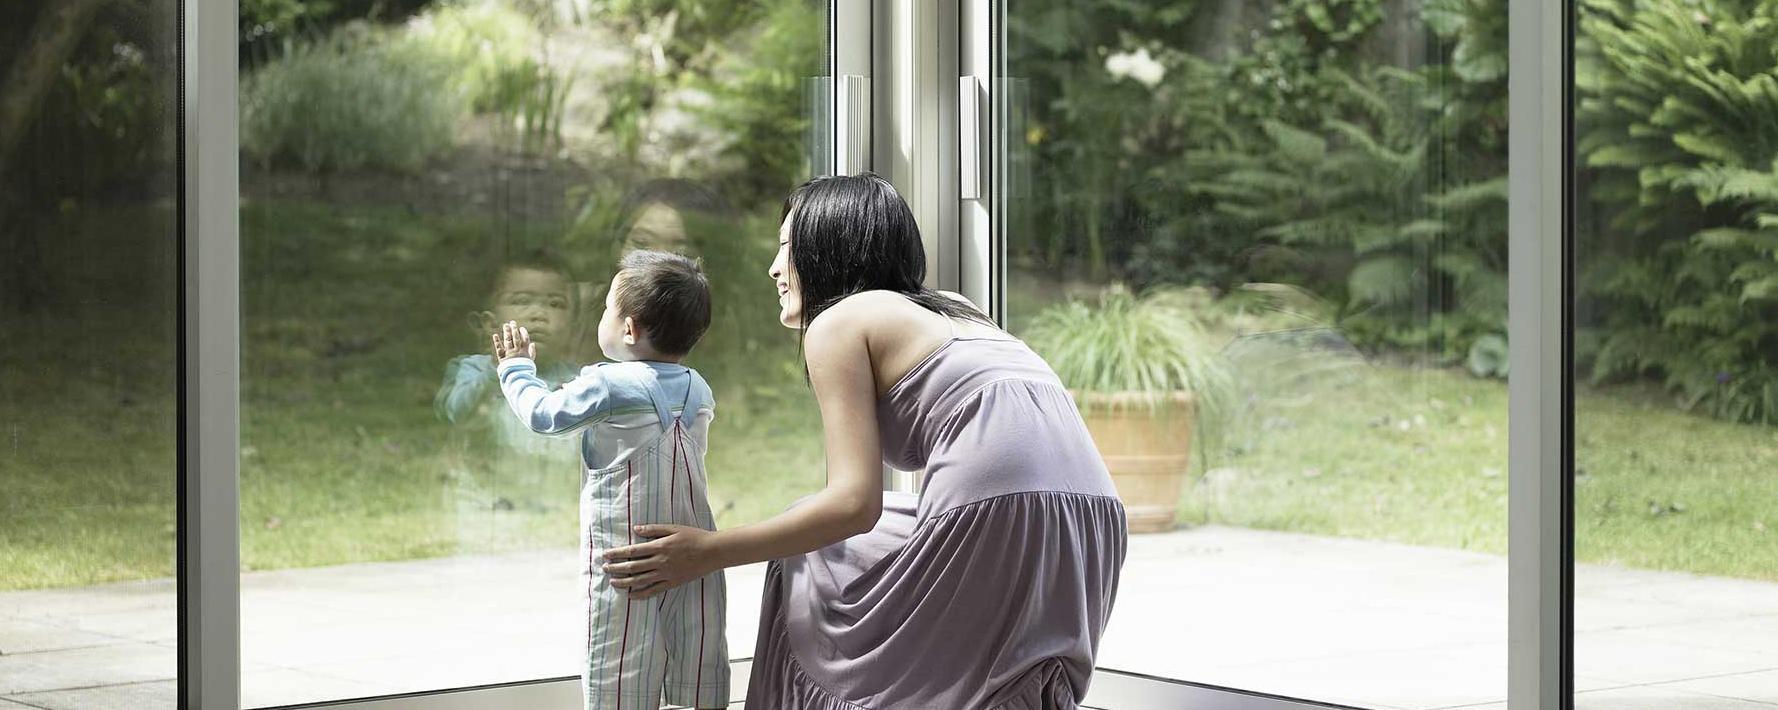 Bescherm uw gezin tegen gebroken ruiten, deuren en ramen met de gelaagde beveiligingsbeglazing van Saint-Gobain Building Glass.